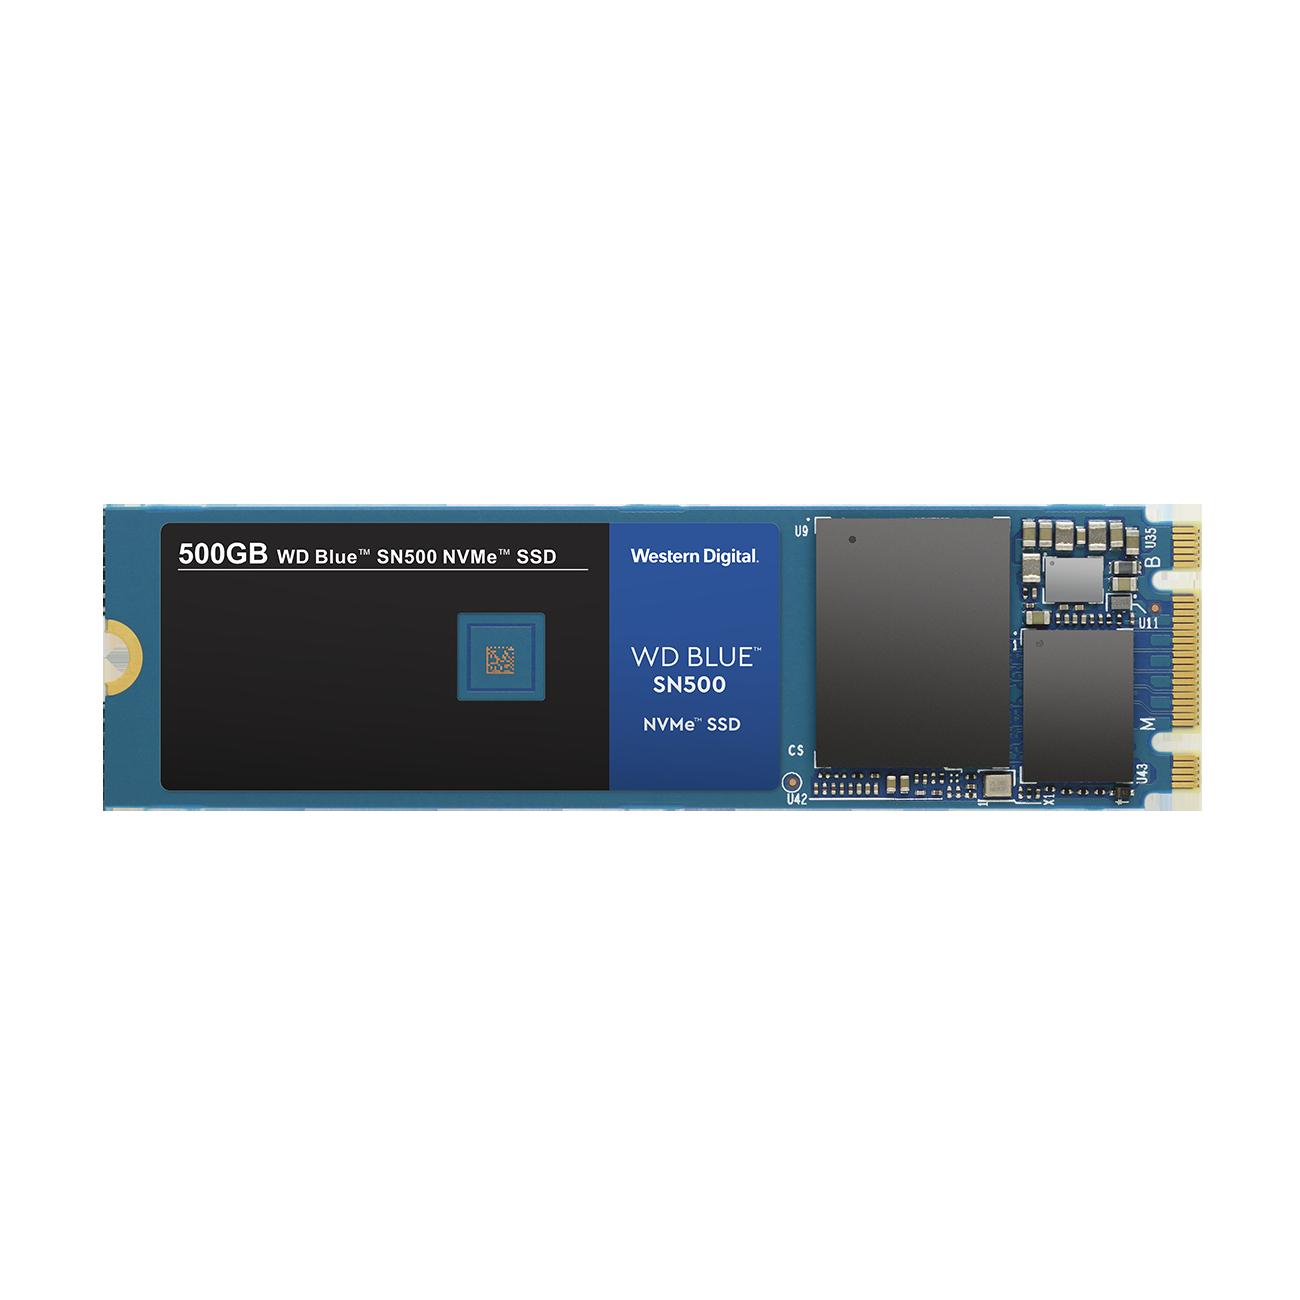 依照產品圖判斷,右側較小的封裝應為 SSD 控制器,採用 DRAMless 架構,較大的封裝應為快閃記憶體,M.2 長度應可縮減至 2230 或是 2242,但為了消費市場相容性依舊選擇2280